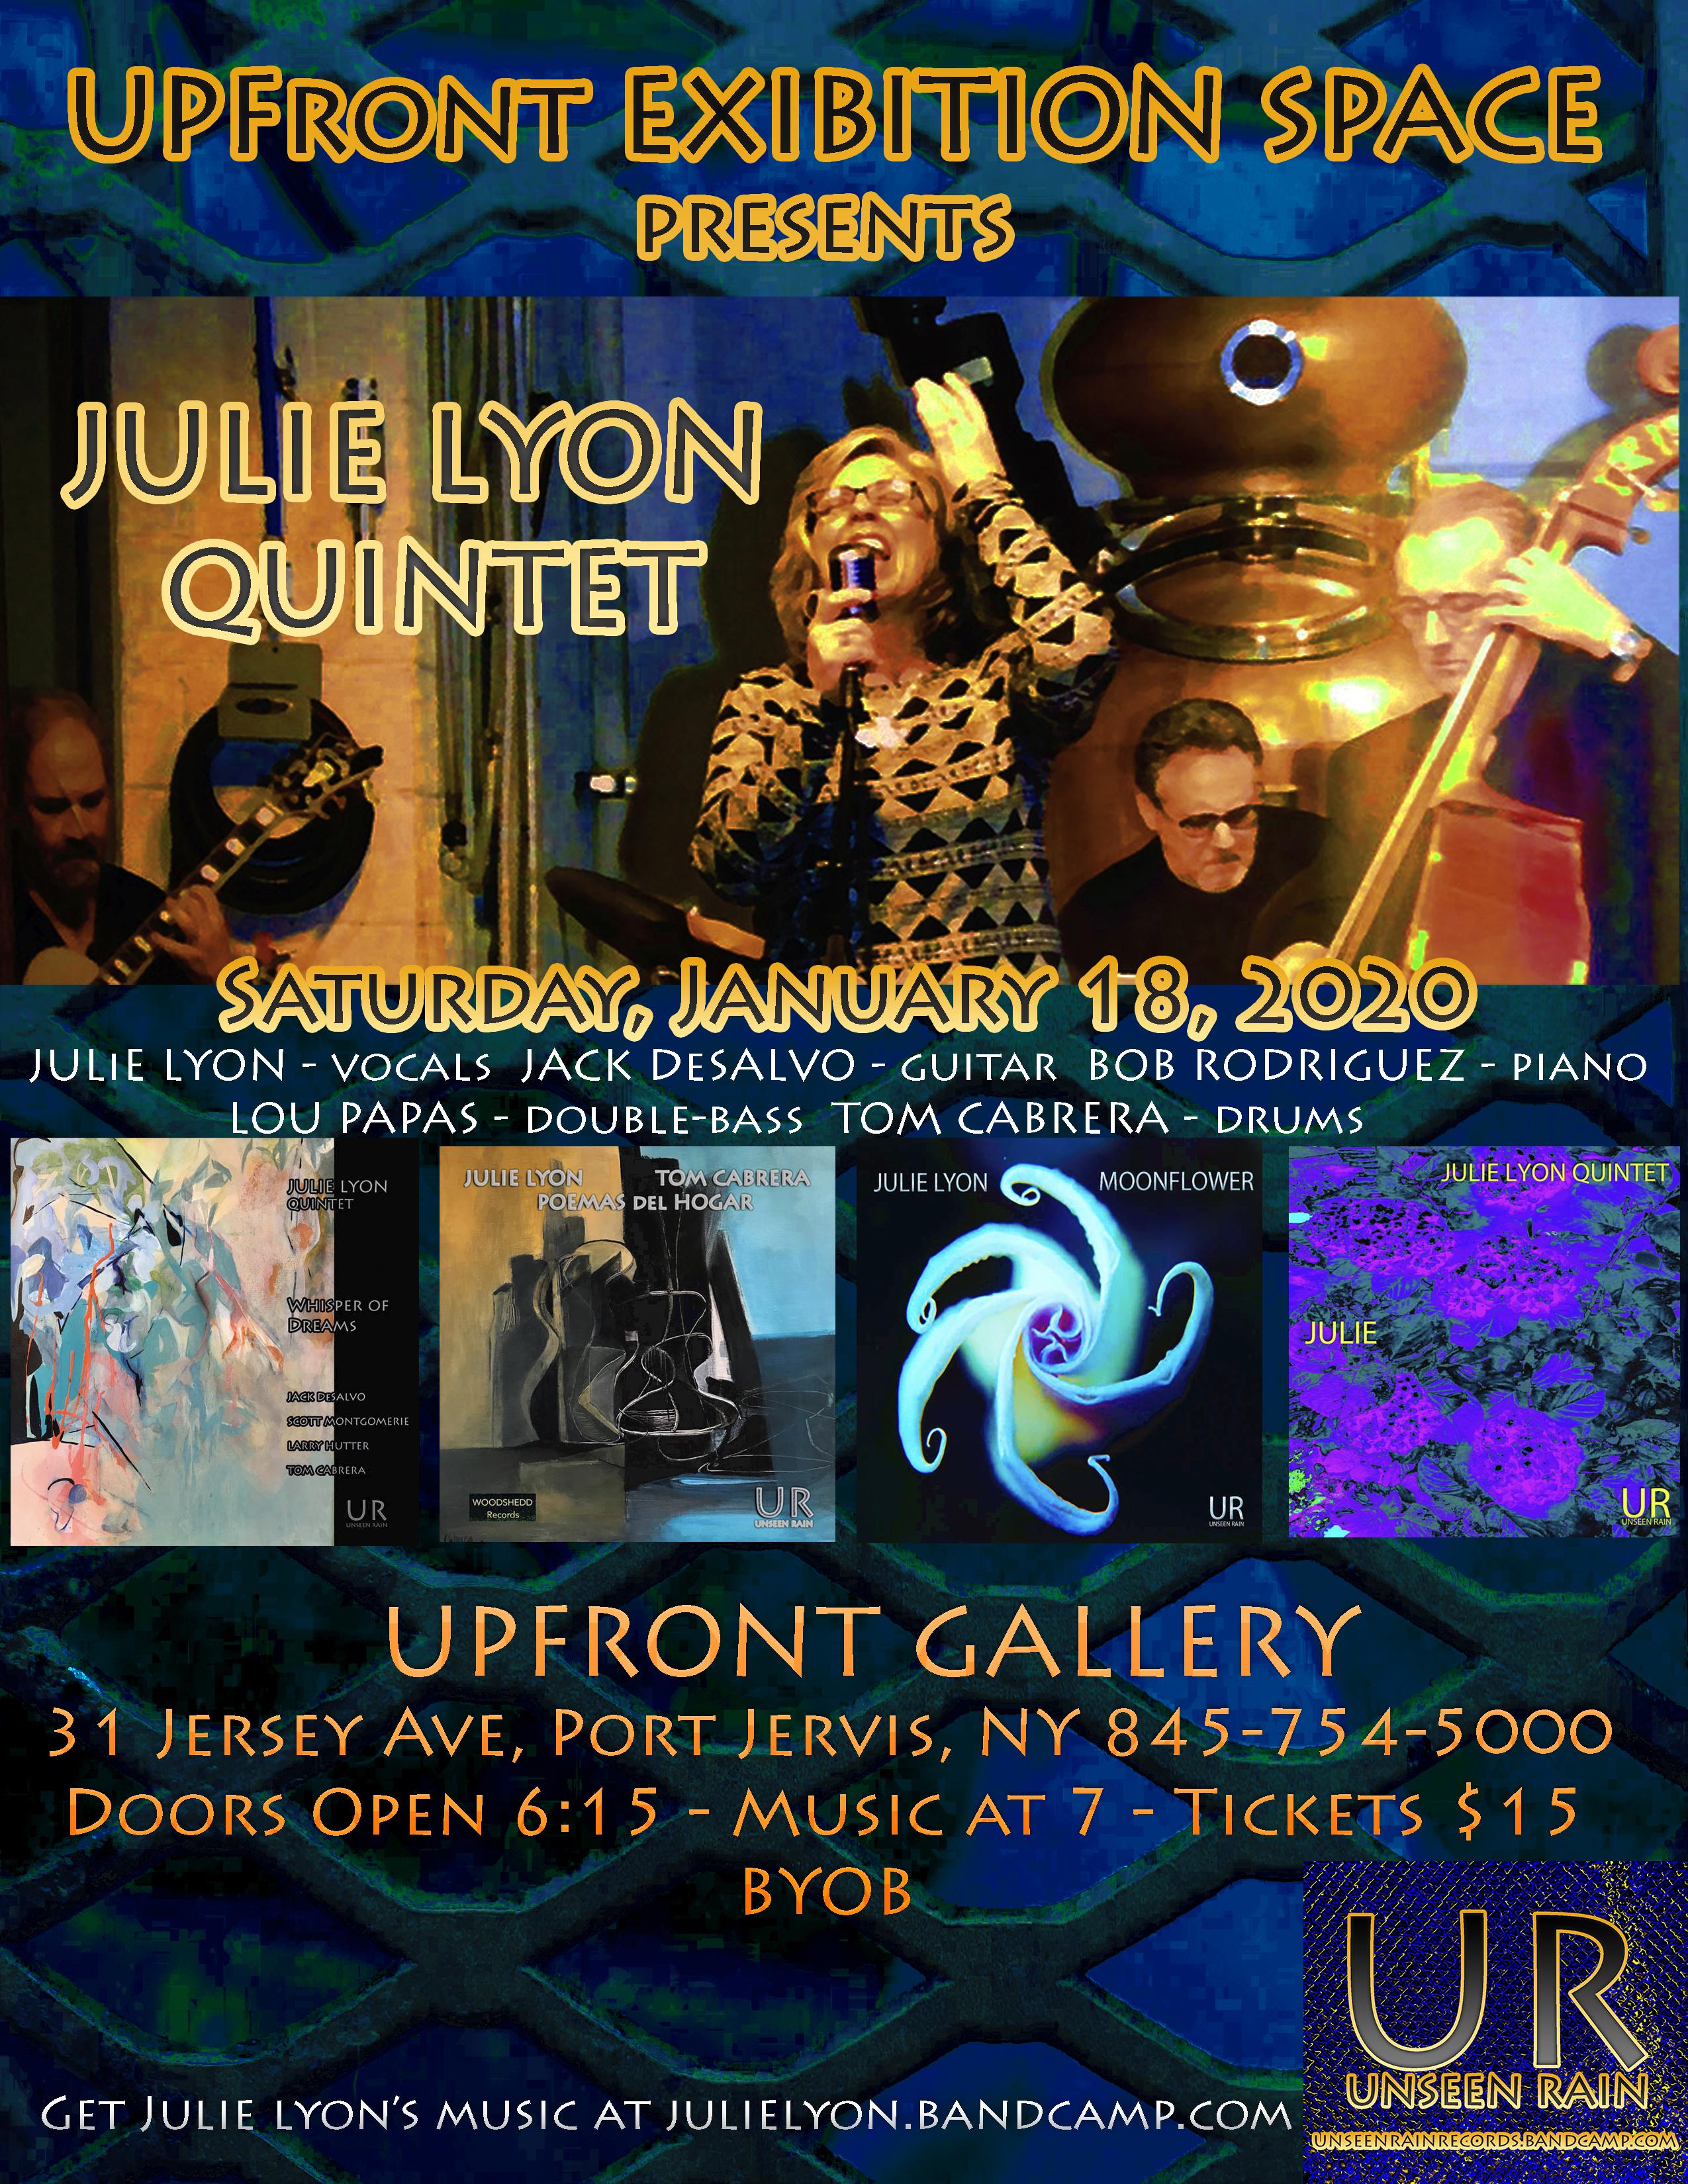 Julie Lyon Quintet